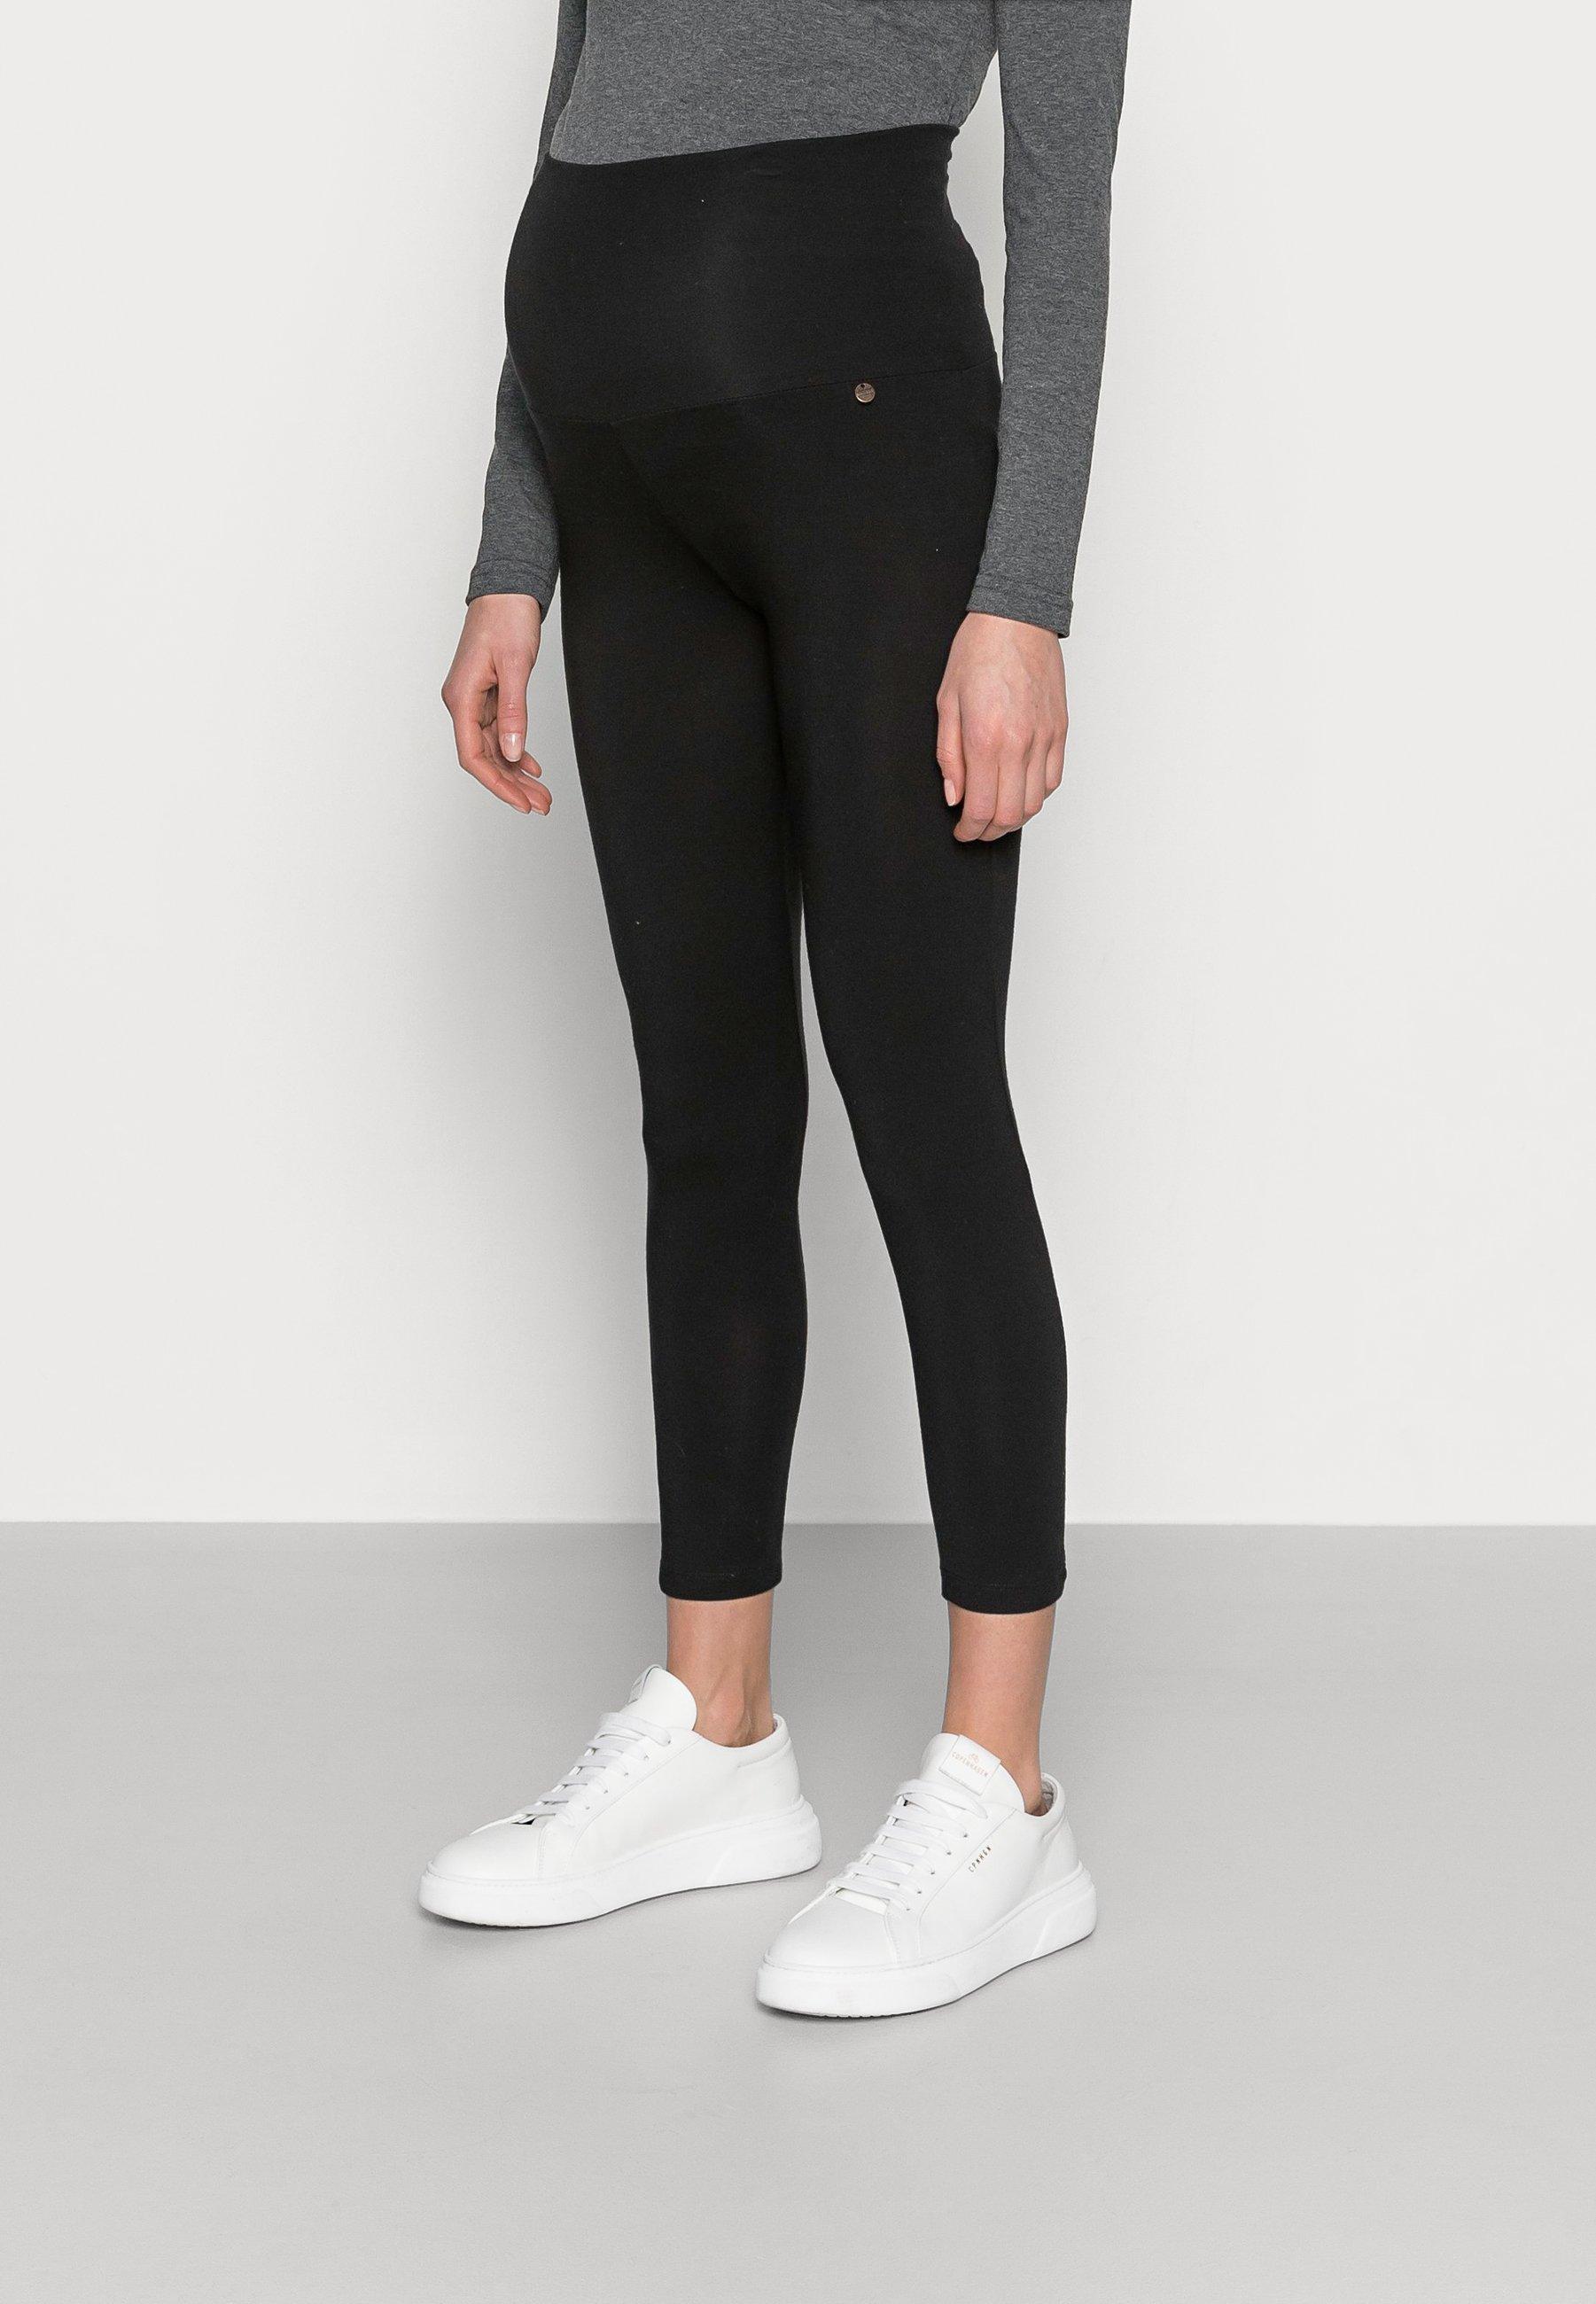 Damen CROPPED - Leggings - Hosen